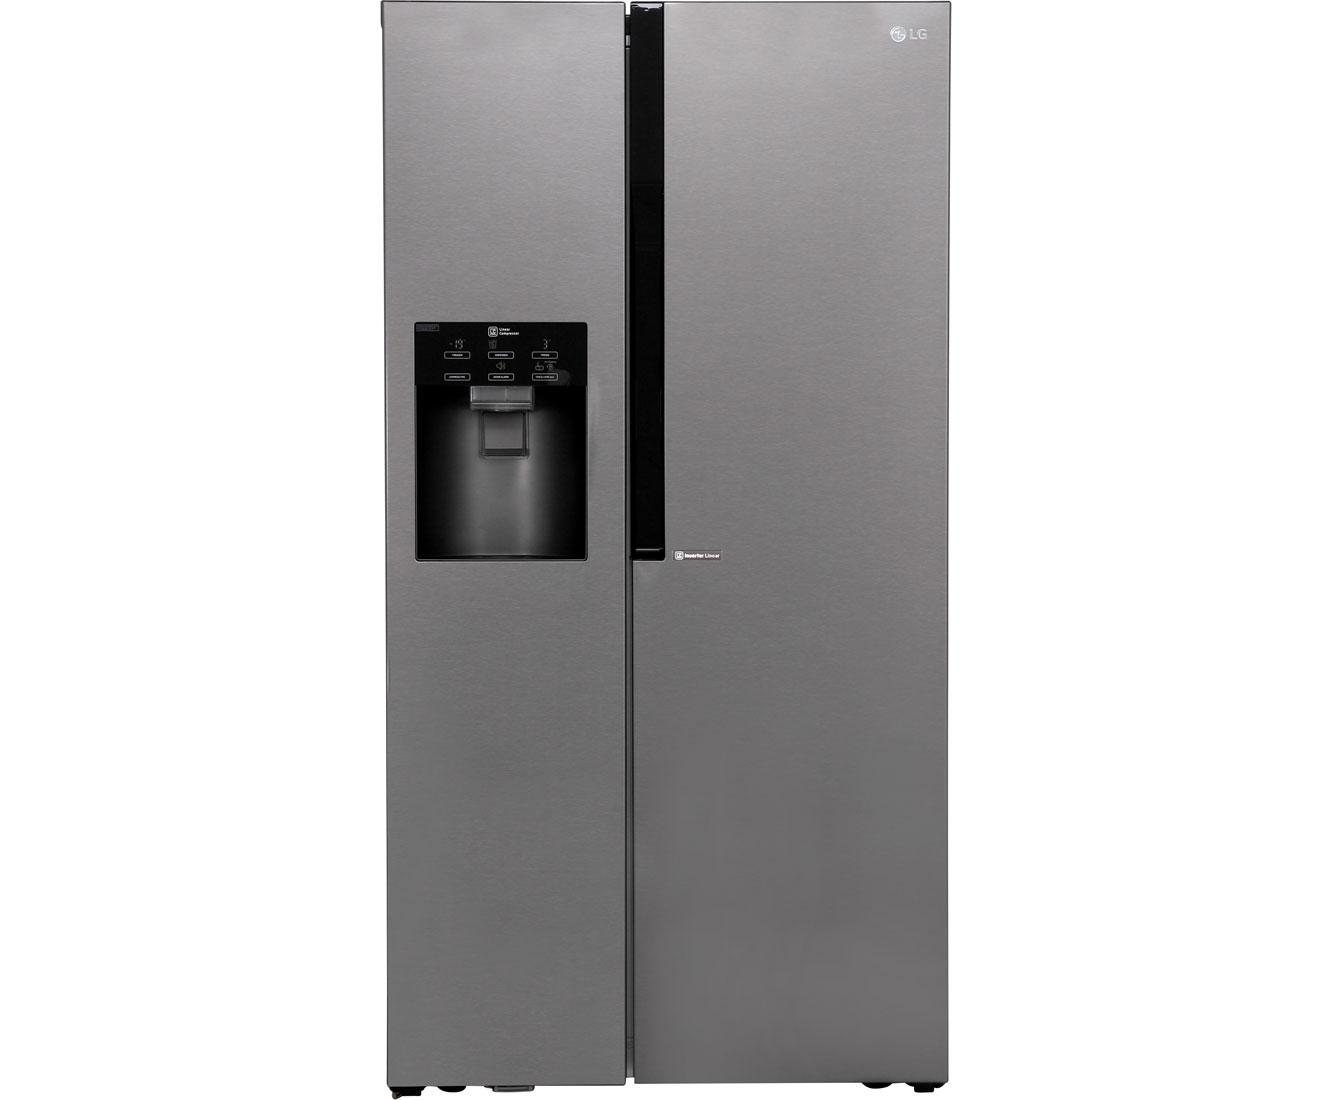 Retro Kühlschrank Havanna : Amerikanische kühl gefrierkombination retro kühlschrank modelle